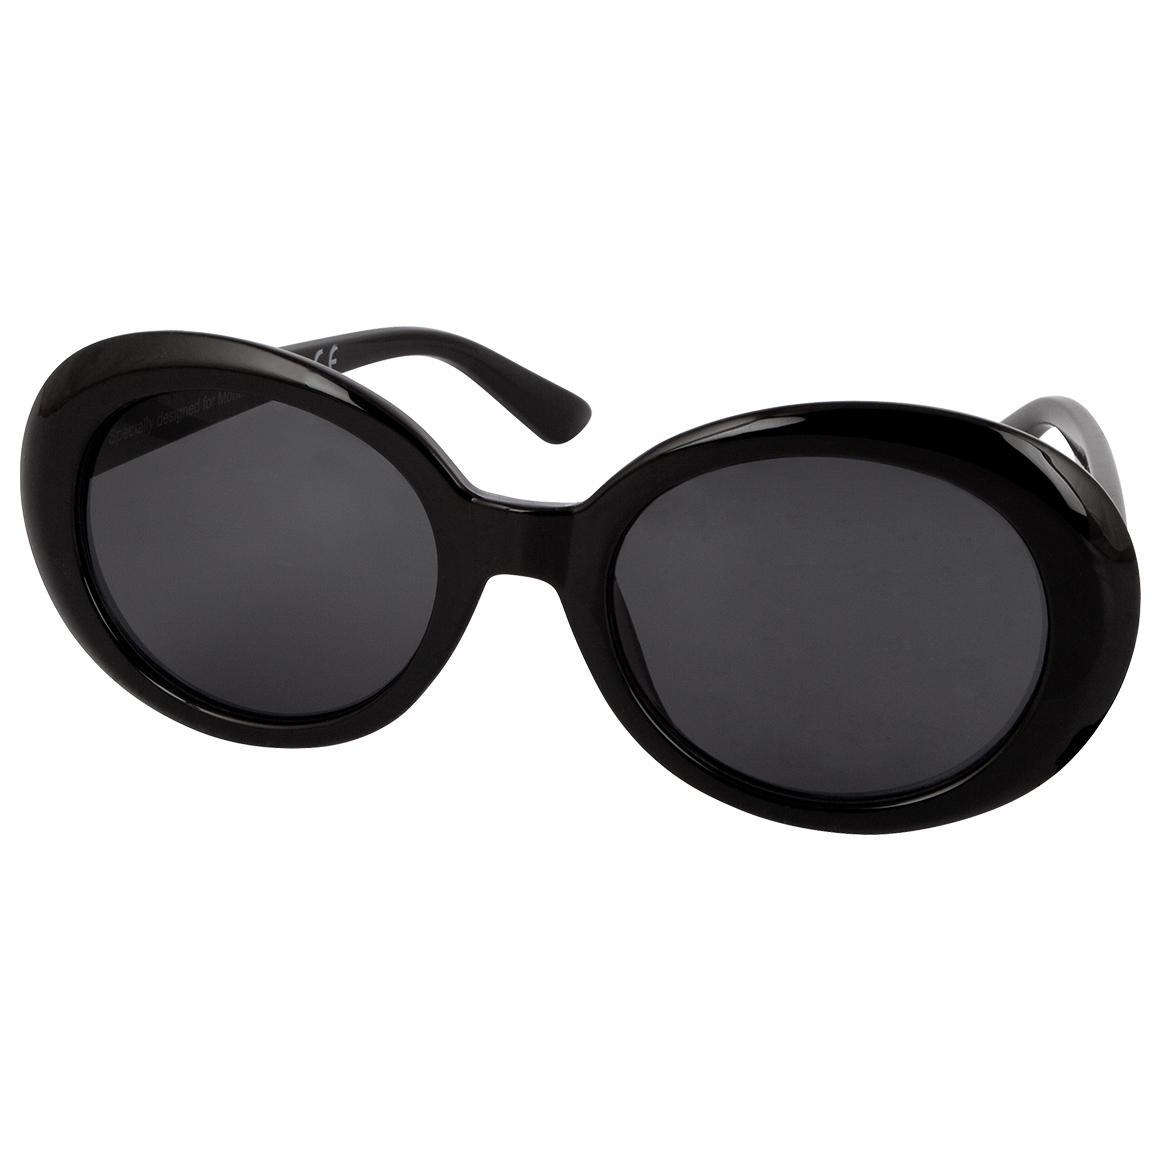 Solglasögon Runda Svarta